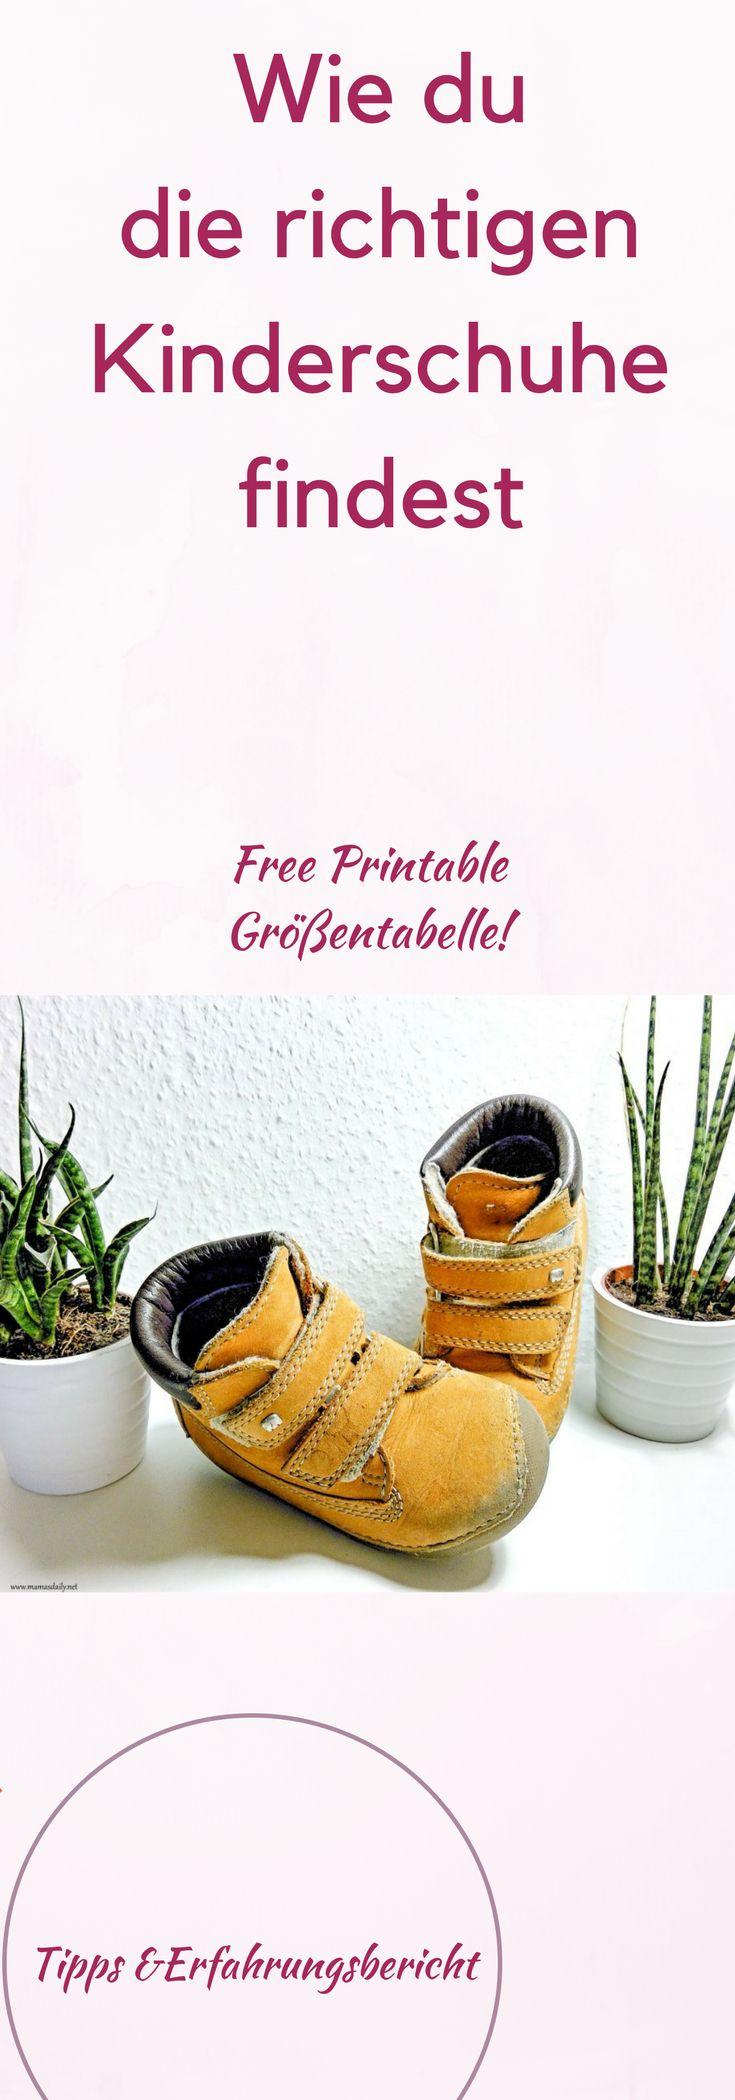 Wie du den richtigen Kinderschuh findest! Free Printable Größentabelle, für die ersten Schuhe! Experteninterview und Ratgeber, Erfahrungsbericht und Tipps. #mama #kinderschuhe #familie